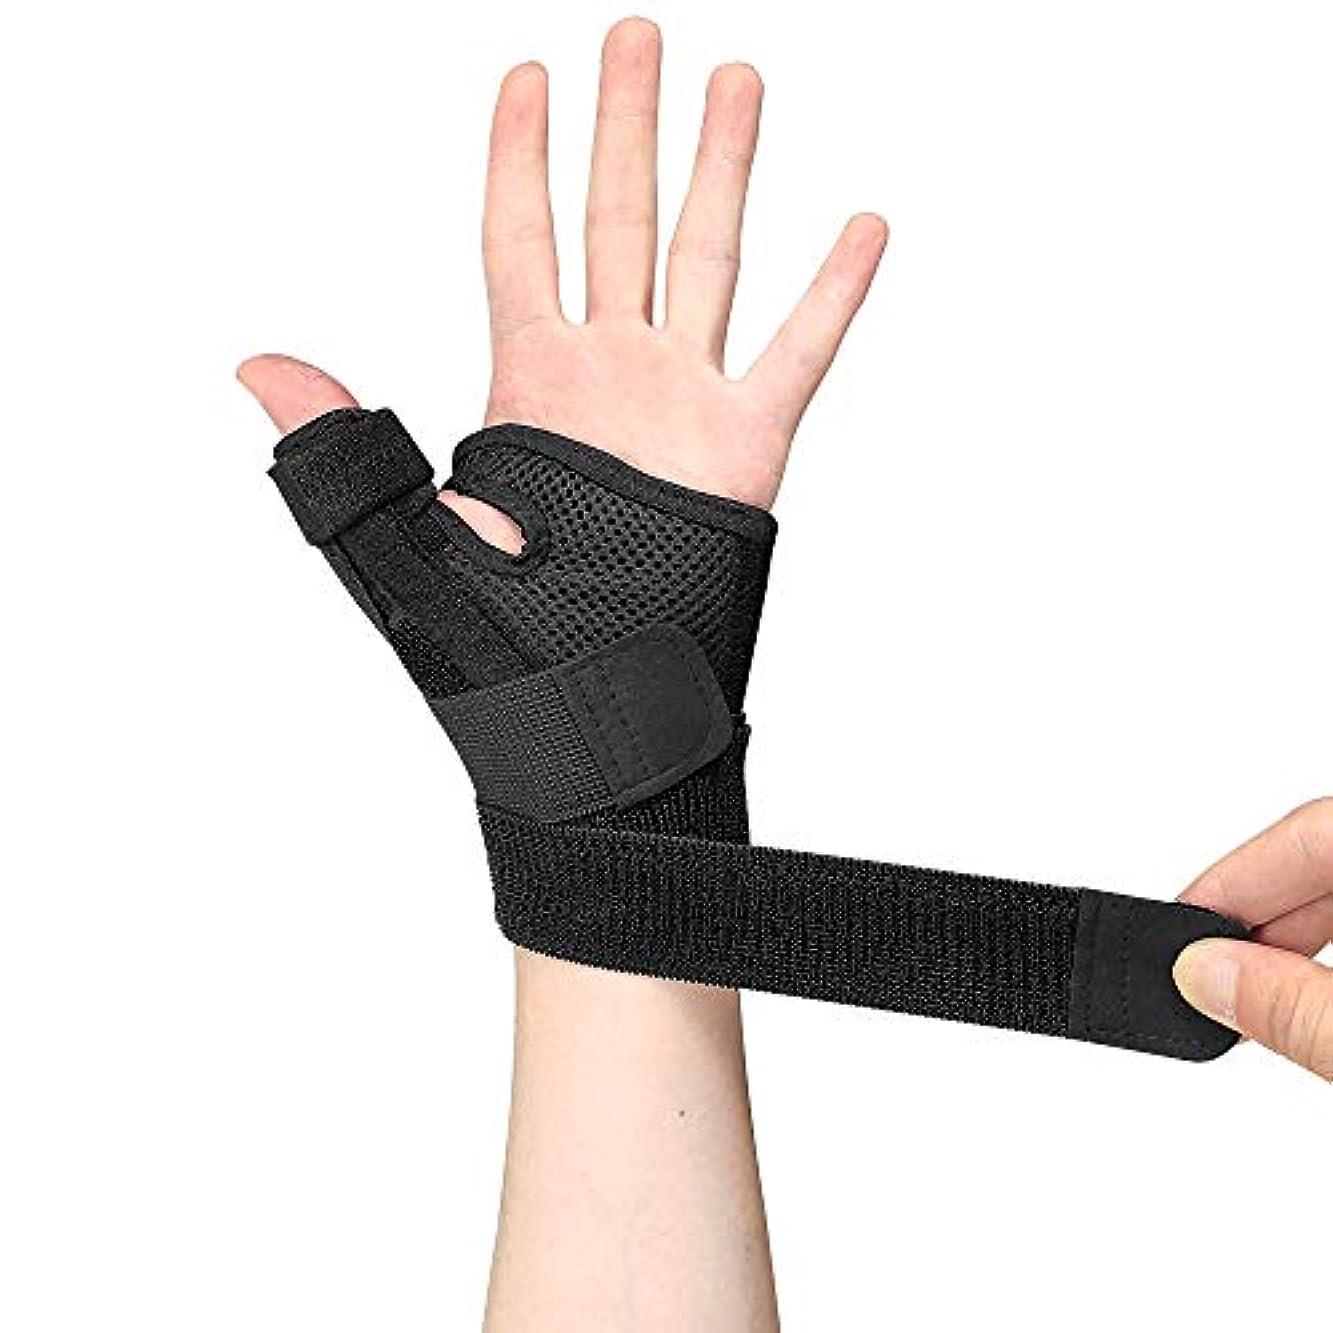 不快バーチャルバーター手首の睡眠サポート - 両手にフィット - 手根管の手助けをし、手首の痛みを和らげ、和らげます。